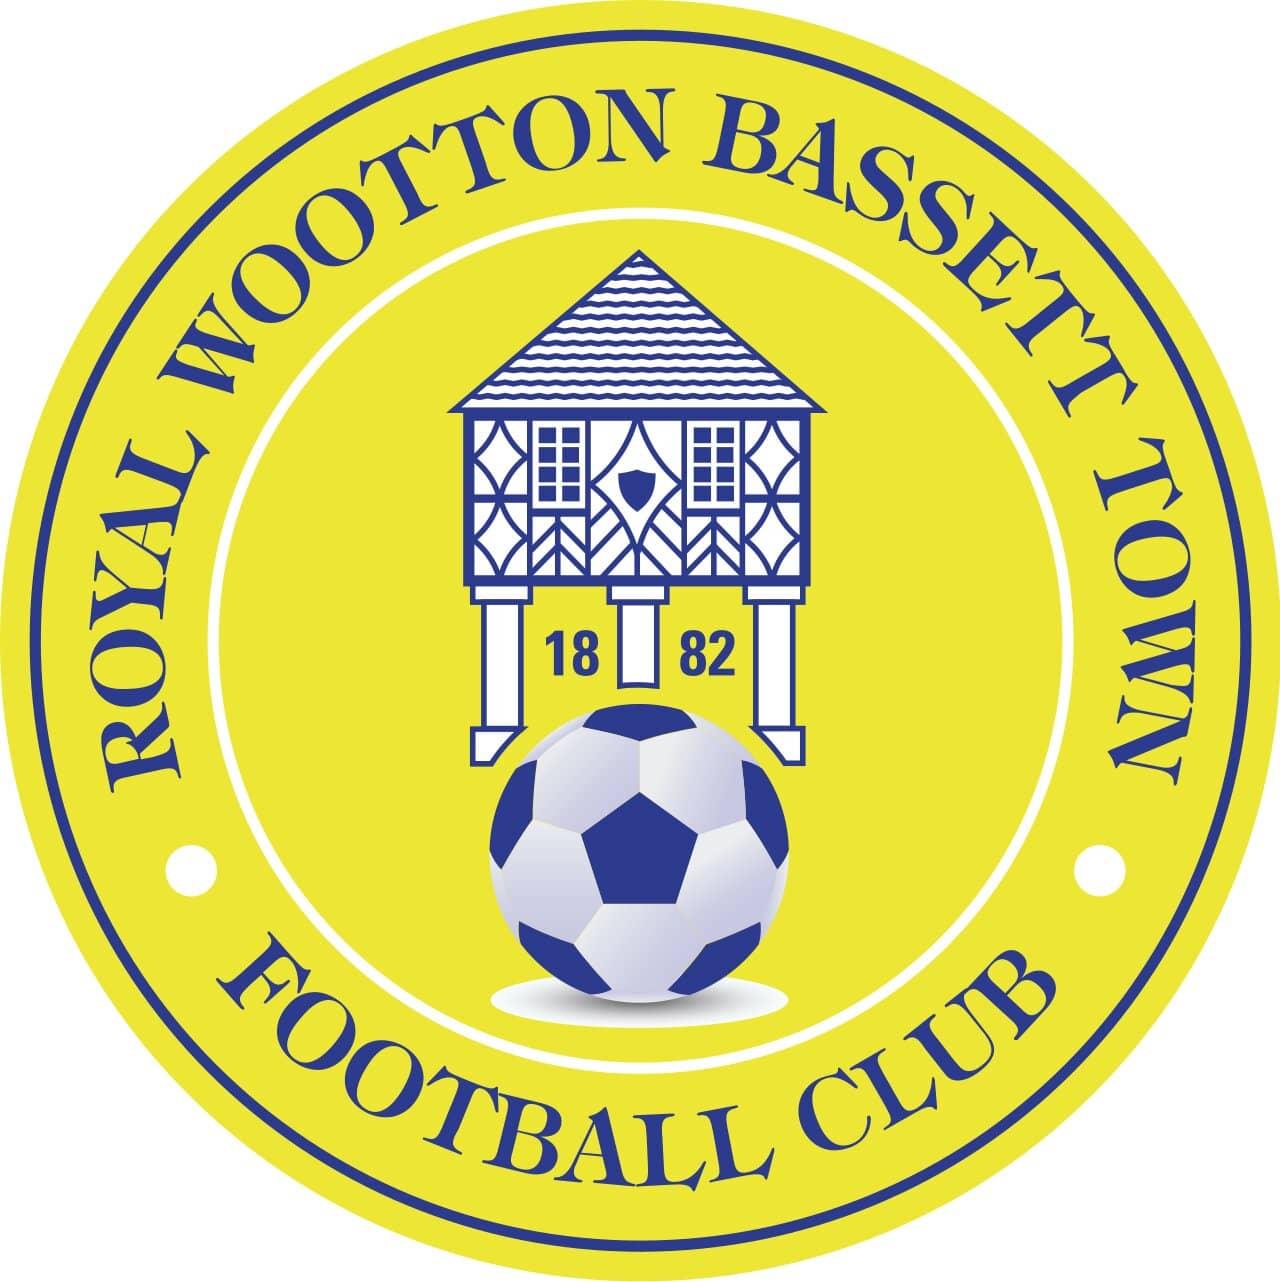 royal-wootton-bassett-town_jpg